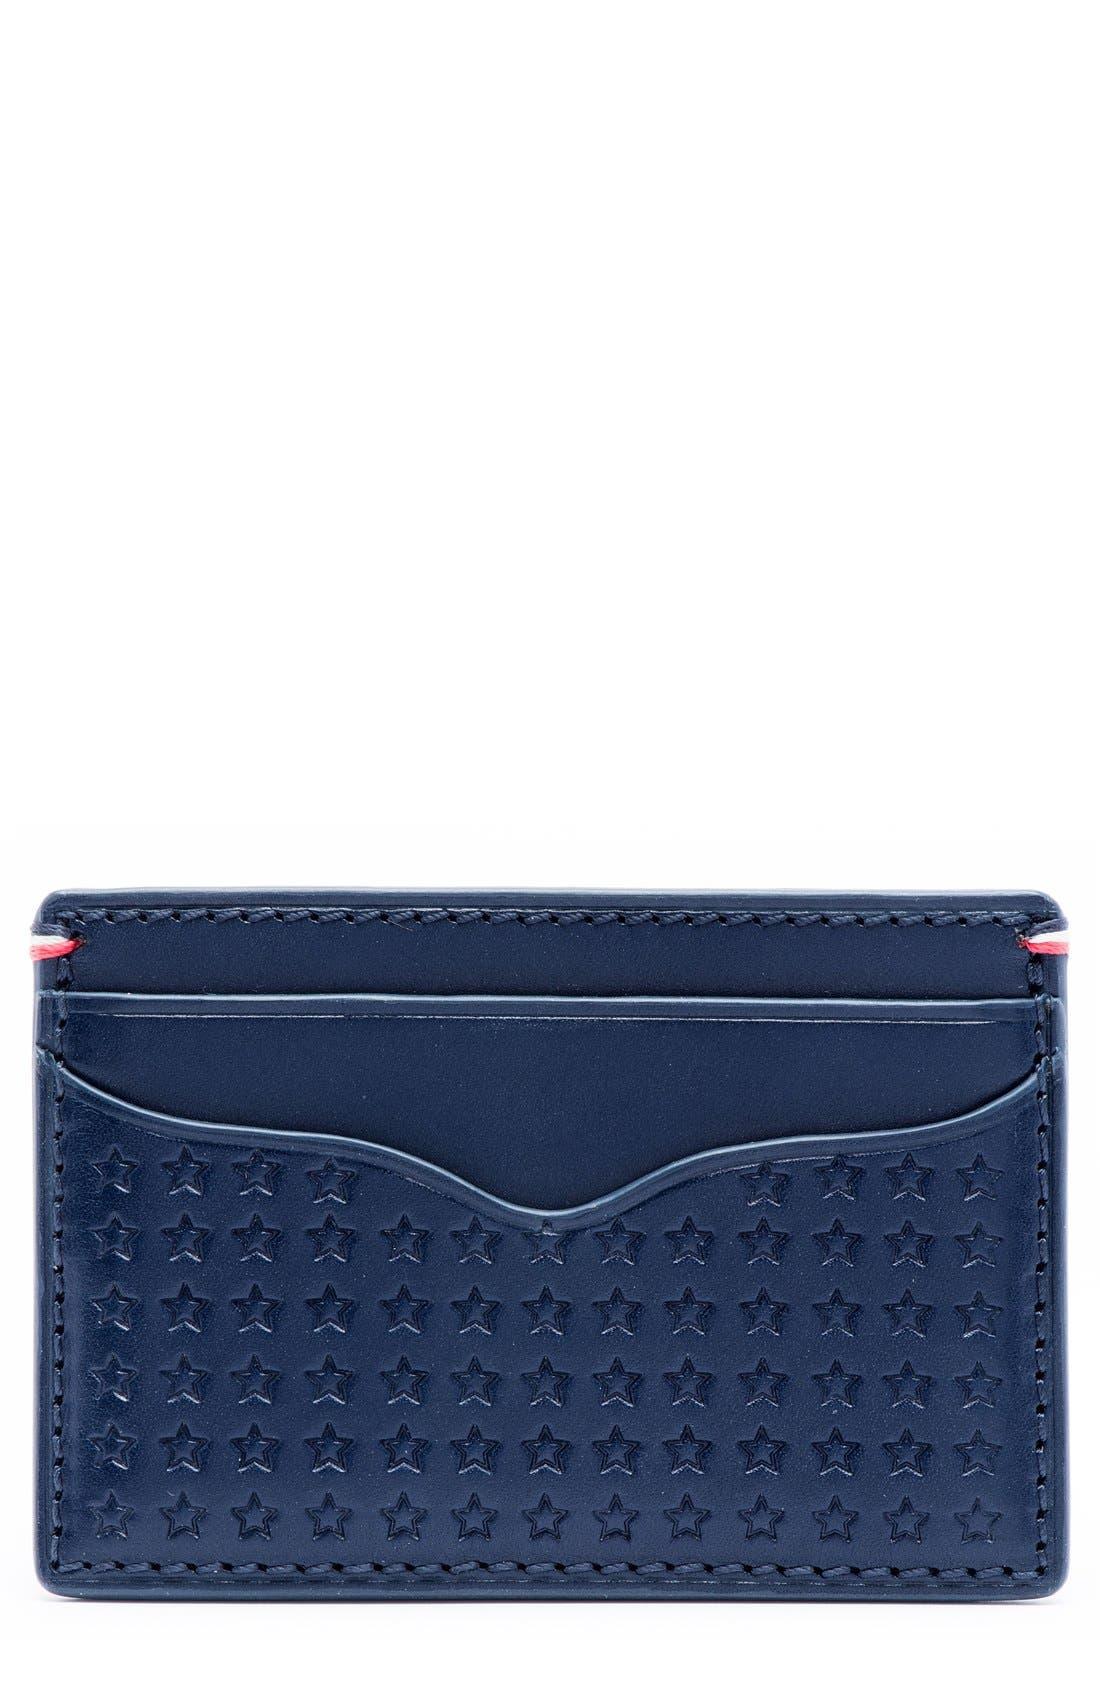 Main Image - Jack Mason Star Leather Card Case